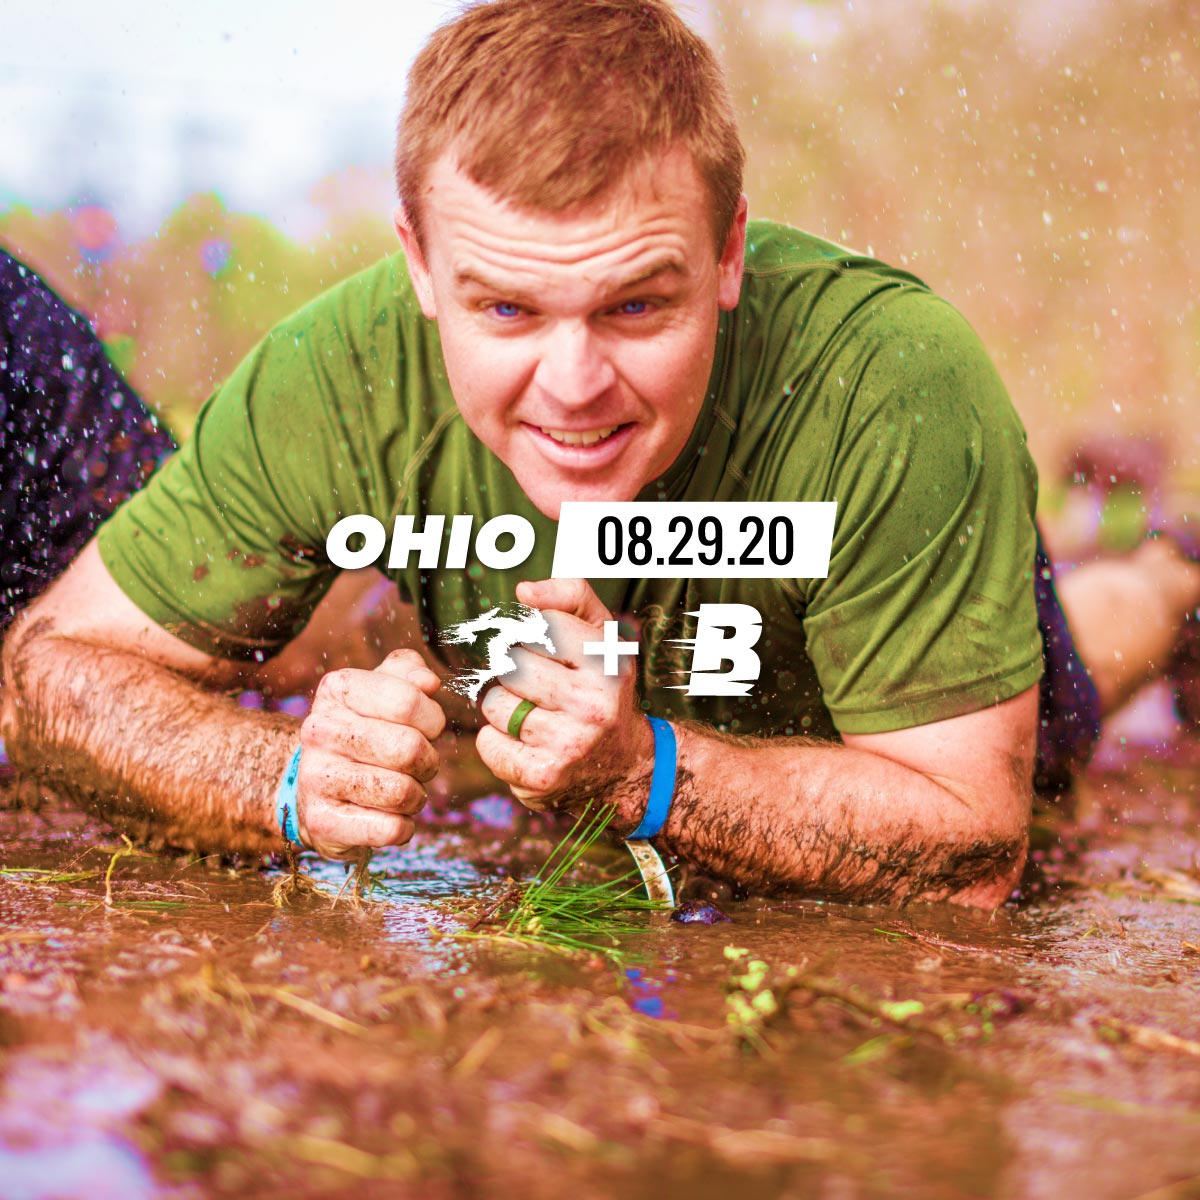 Savage Race Ohio 2020